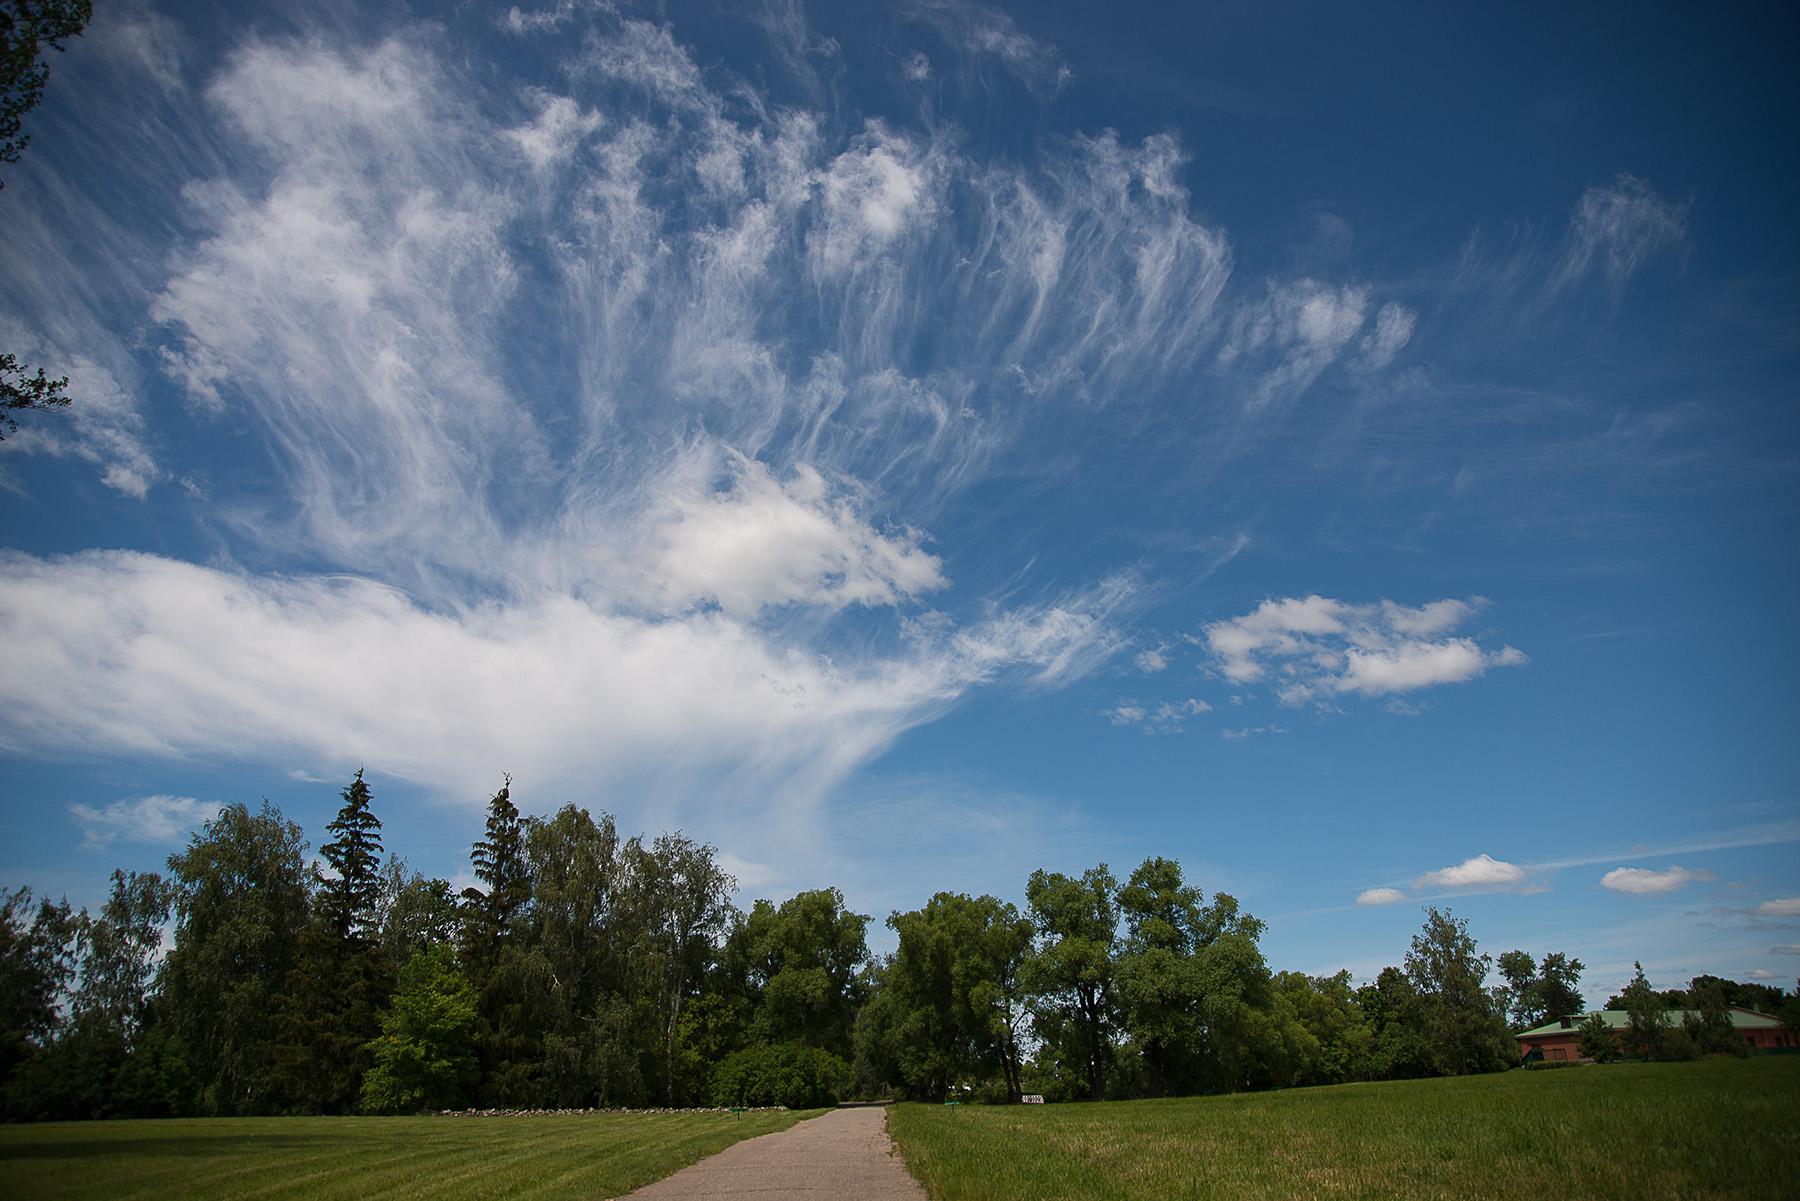 Тарханское небо. Фотозарисовки тарханских окрестностей А. Семенова. 25 июня 2020 года. Фото 4